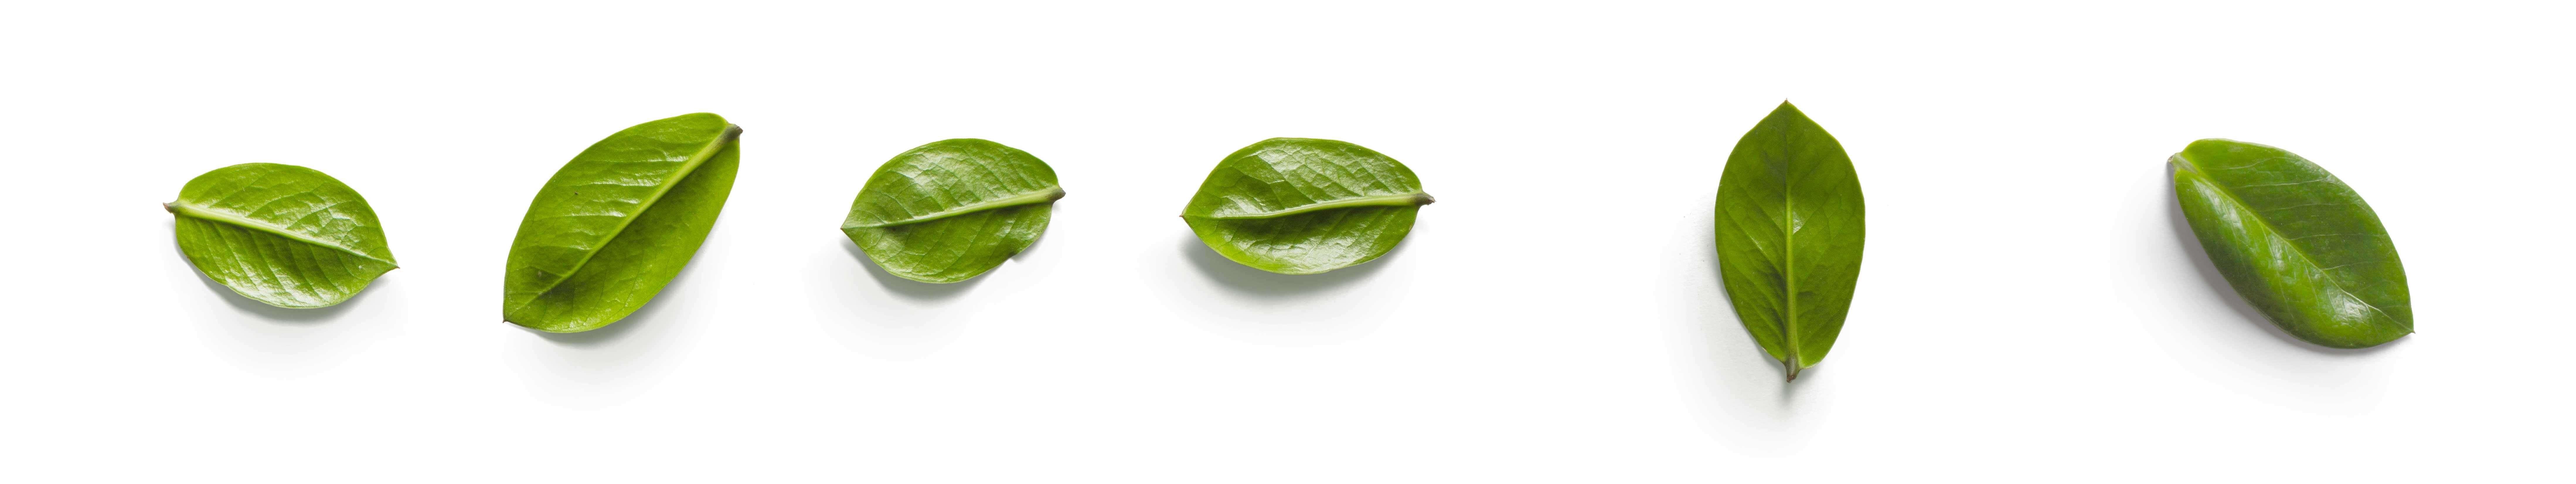 sei foglie in fila orizzontale di colore verde su sfondo bianco